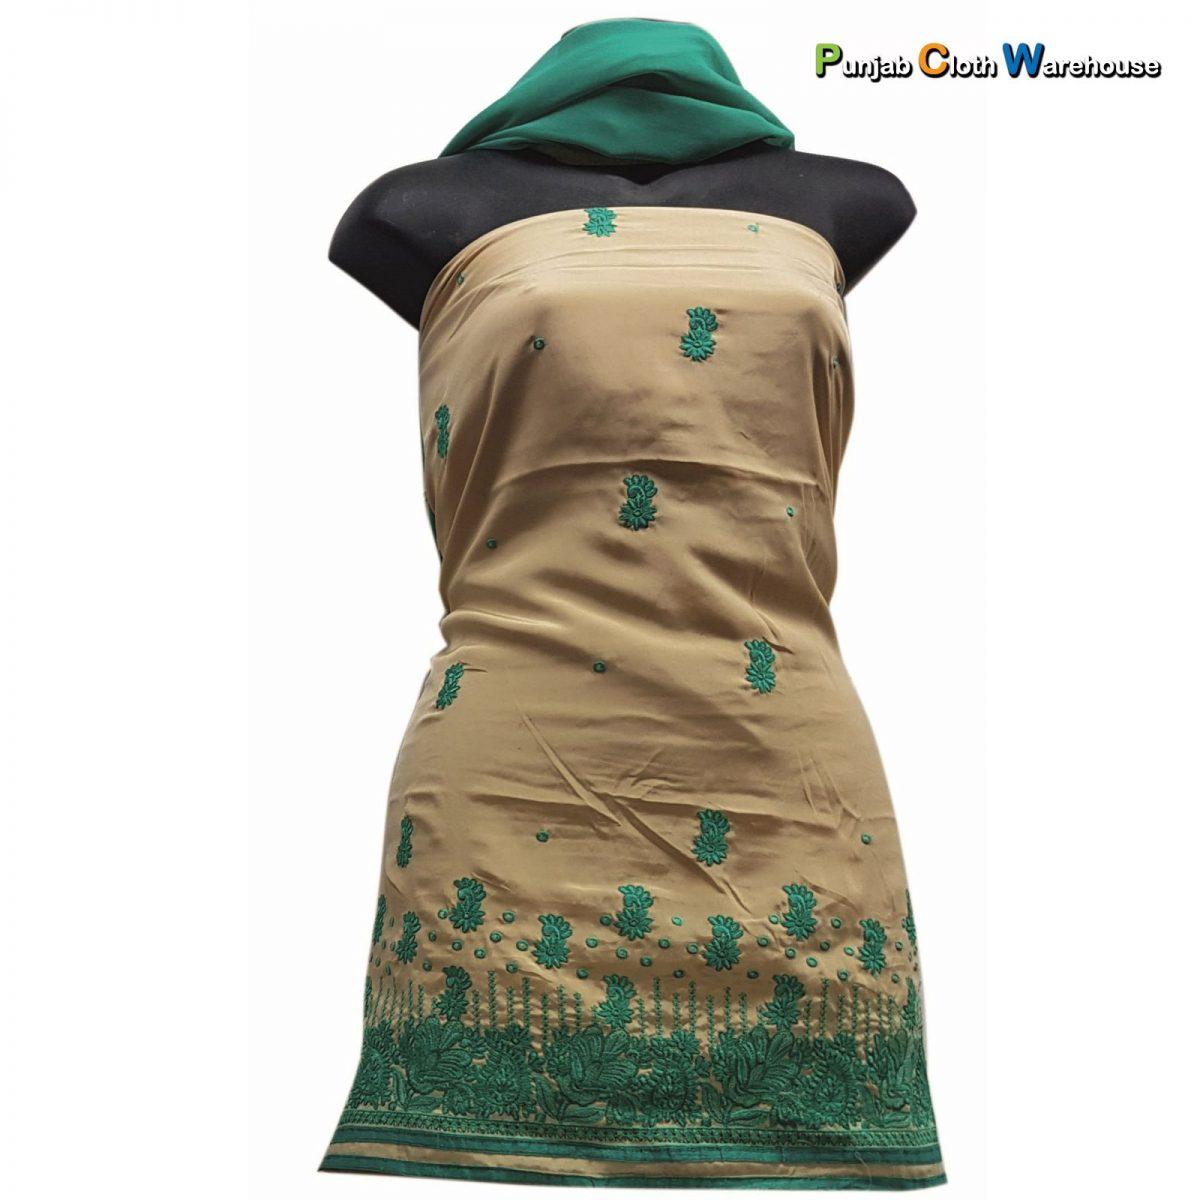 Ladies Suits - Cut Piece - Punjab Cloth Warehouse, Surrey (52)